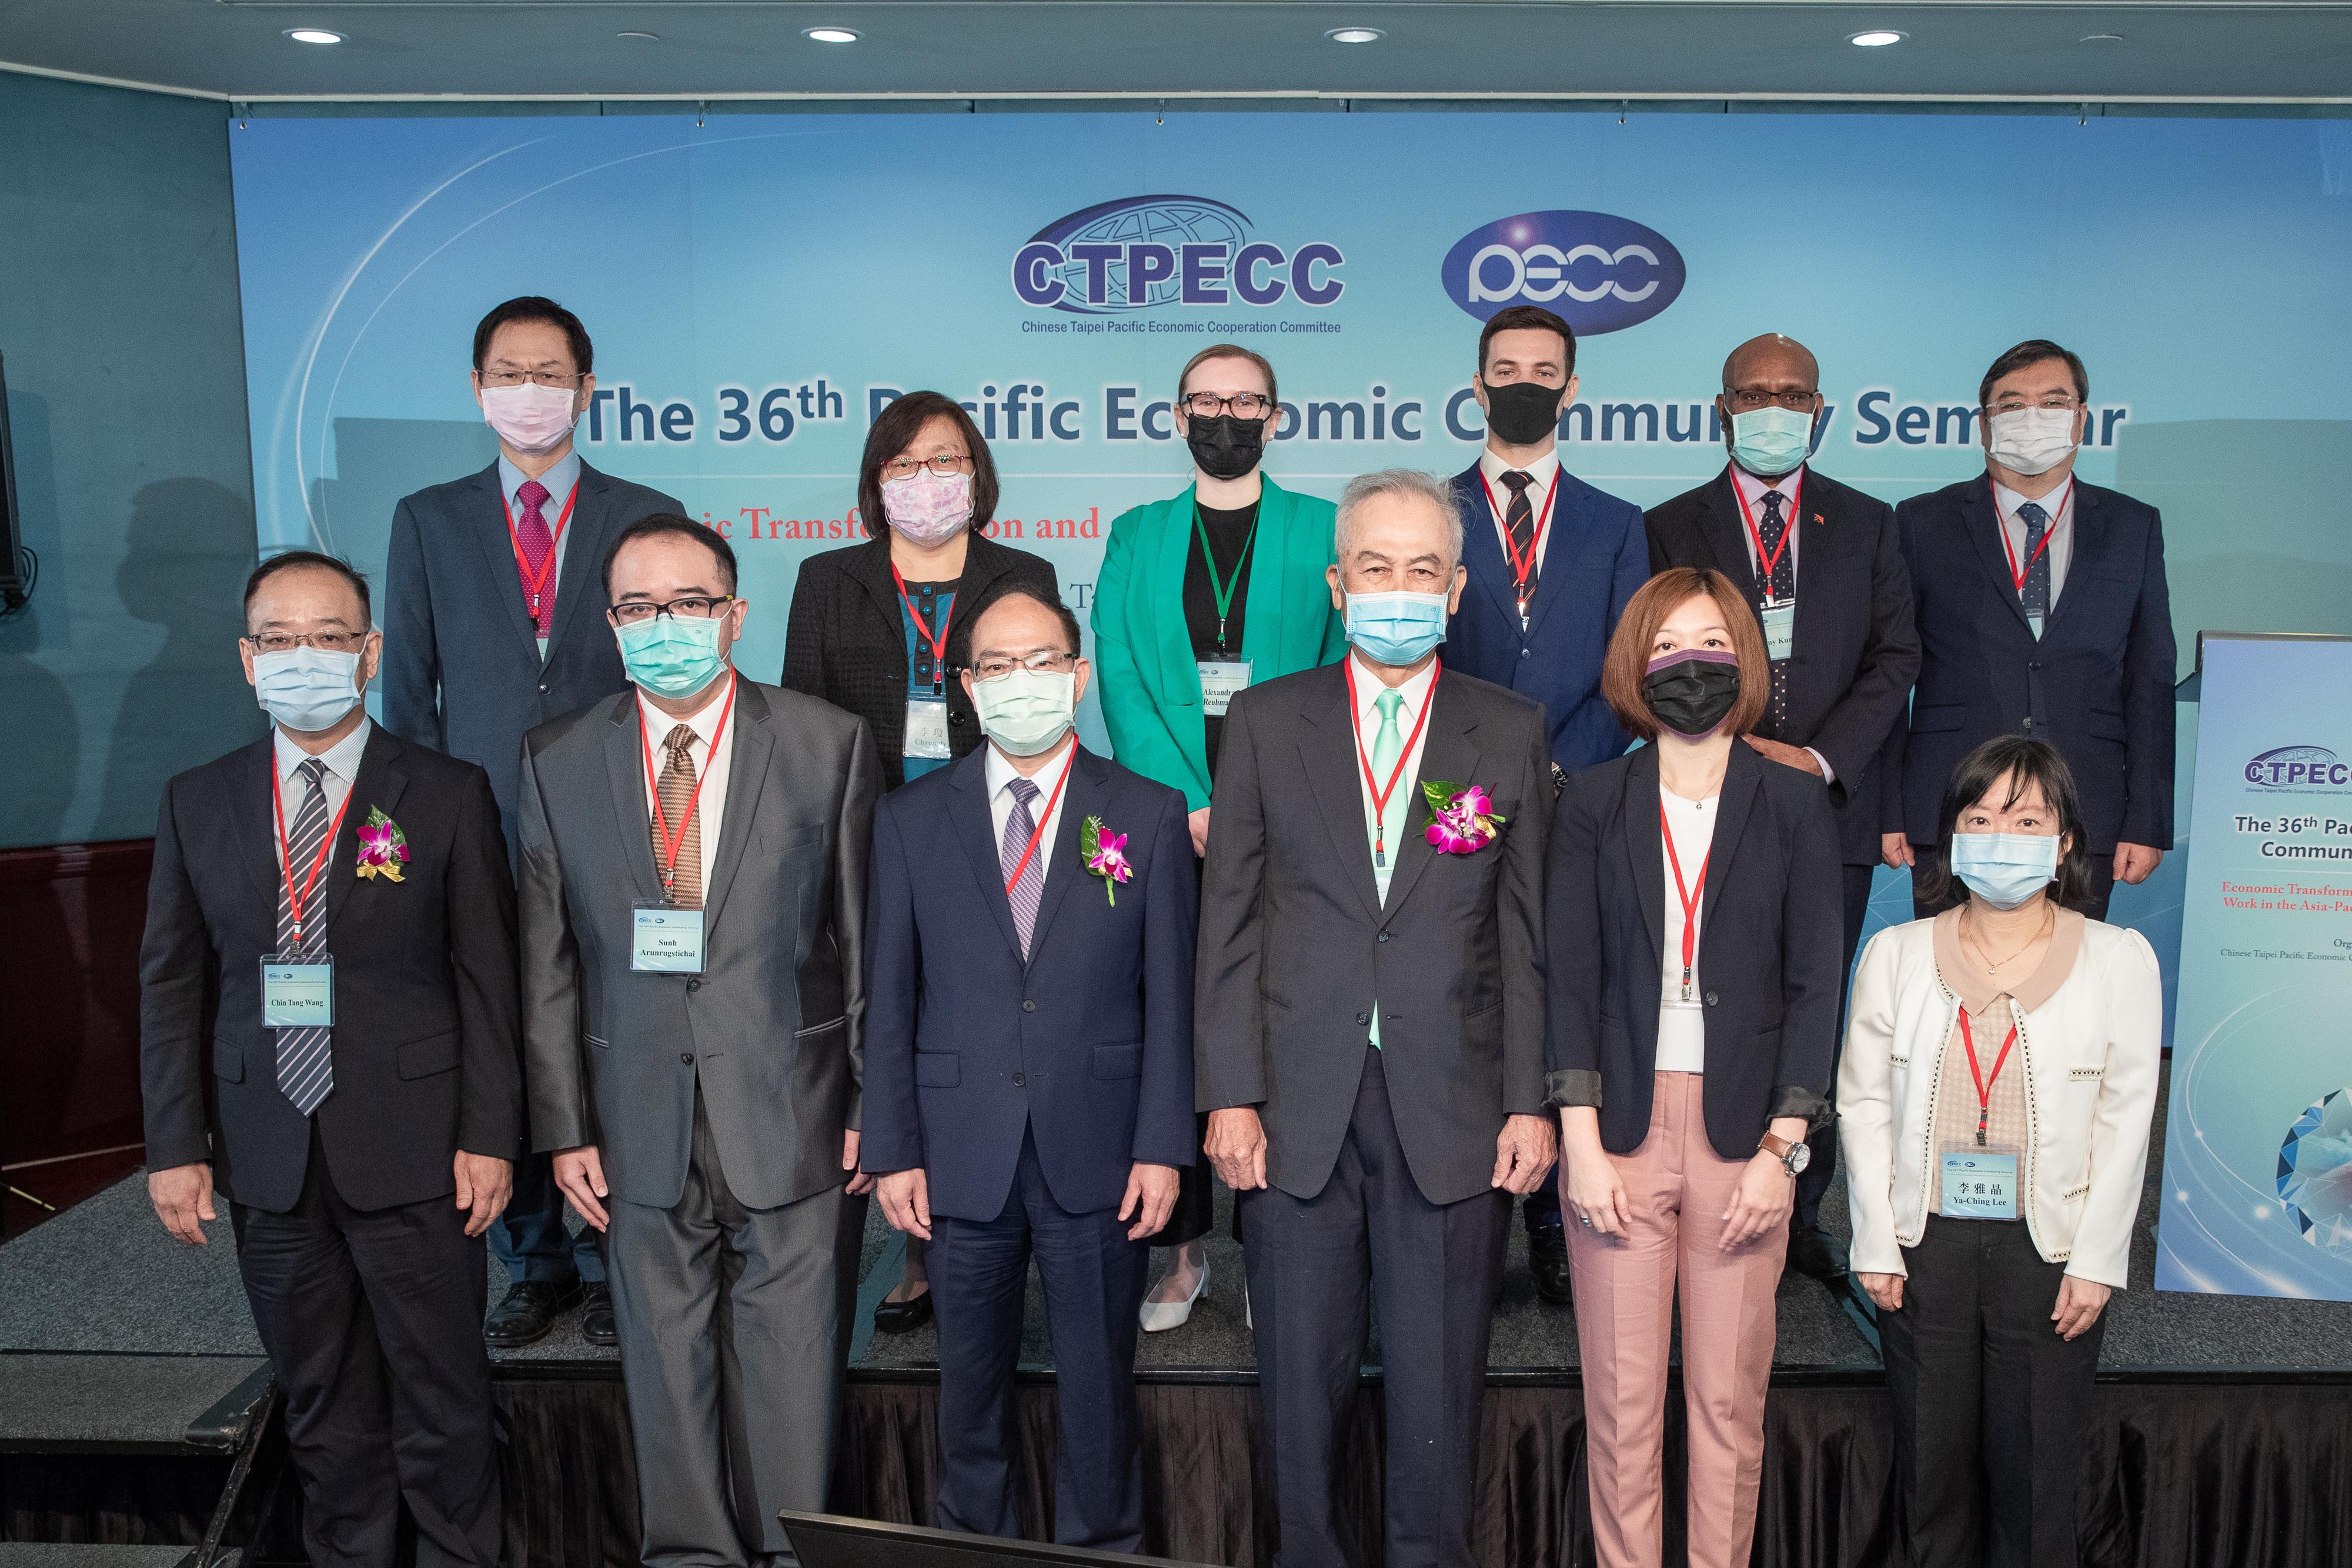 集眾智眺望前路 第36屆太平洋經濟共同體國際研討會成功閉幕